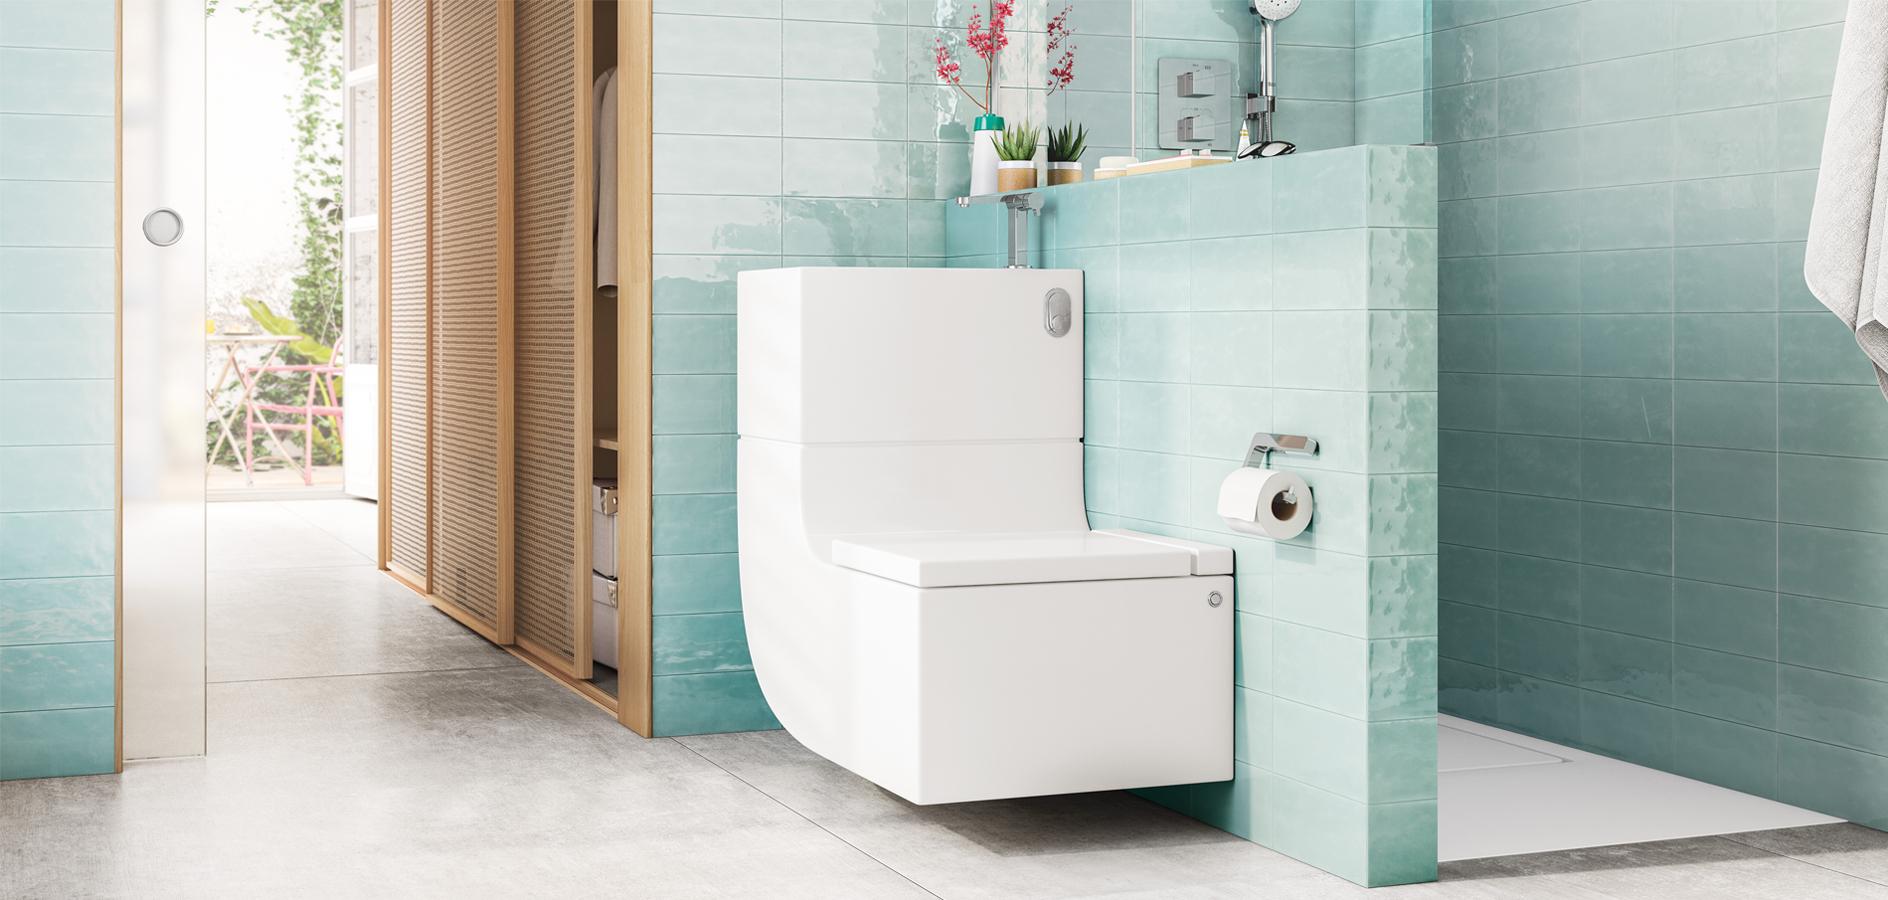 Lavabo Et Wc En Une Seule Pièce? La Révolution W + W │Roca Life encequiconcerne Toilette Lavabo Intégré Canada